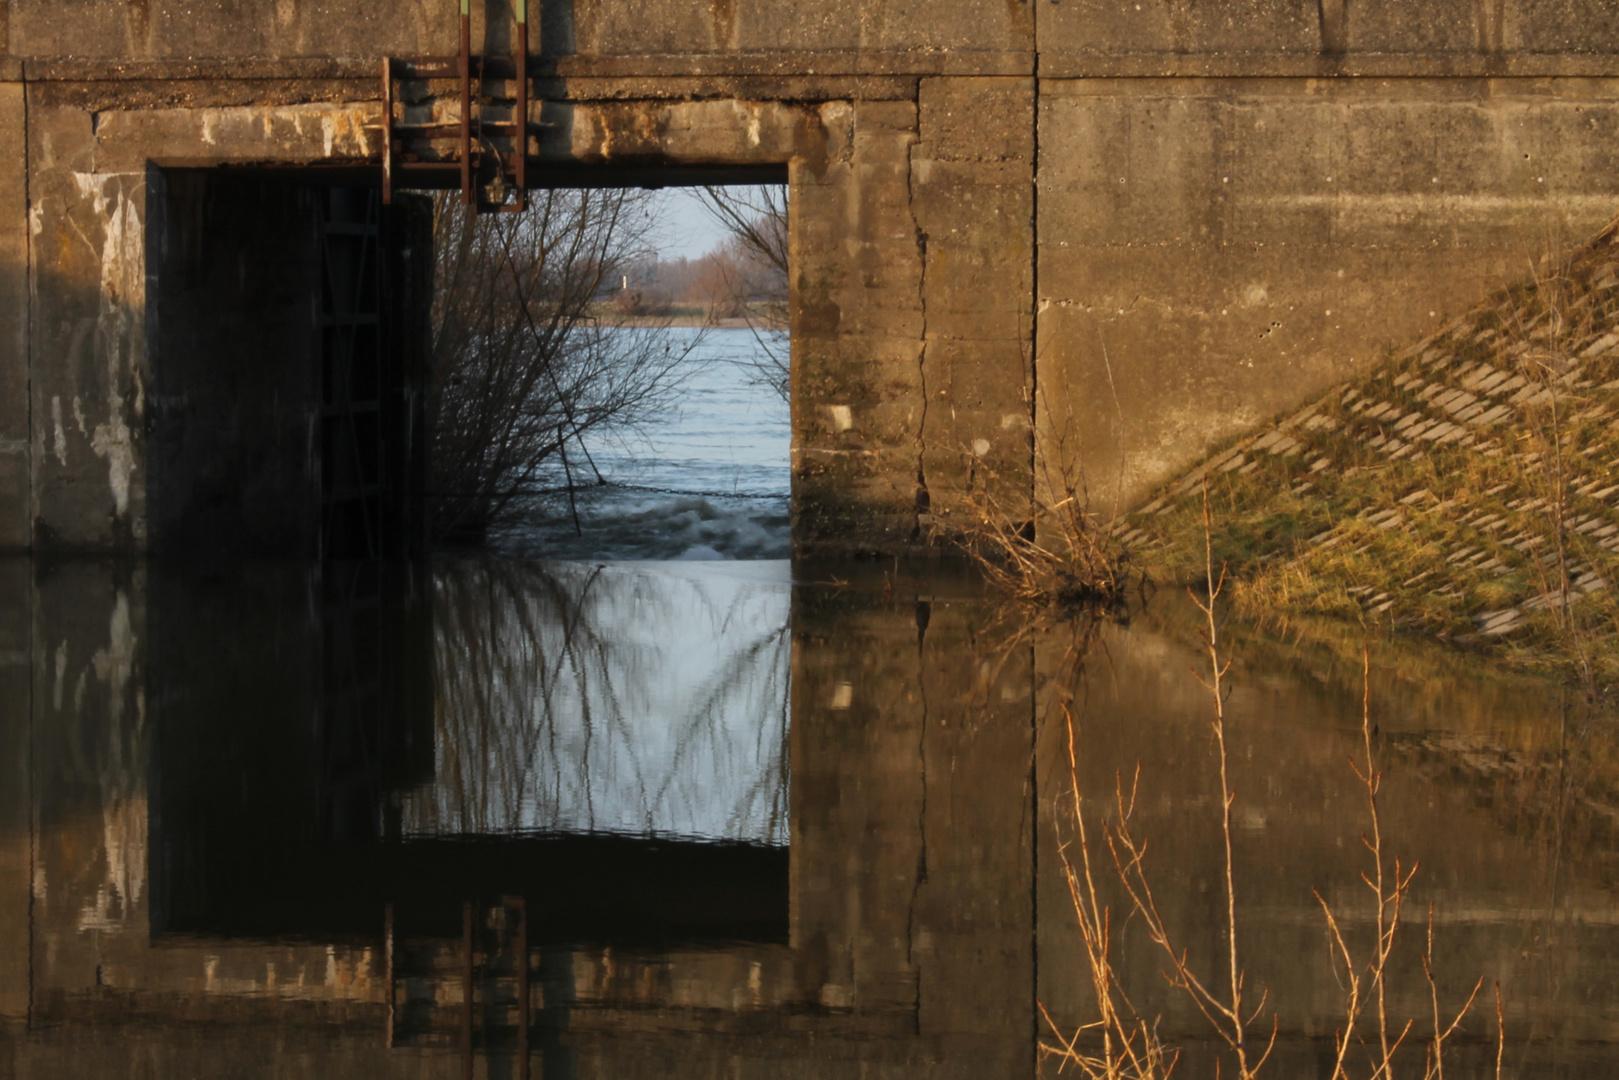 Hochwasser-Schleusentor am Rhein bei Xanten